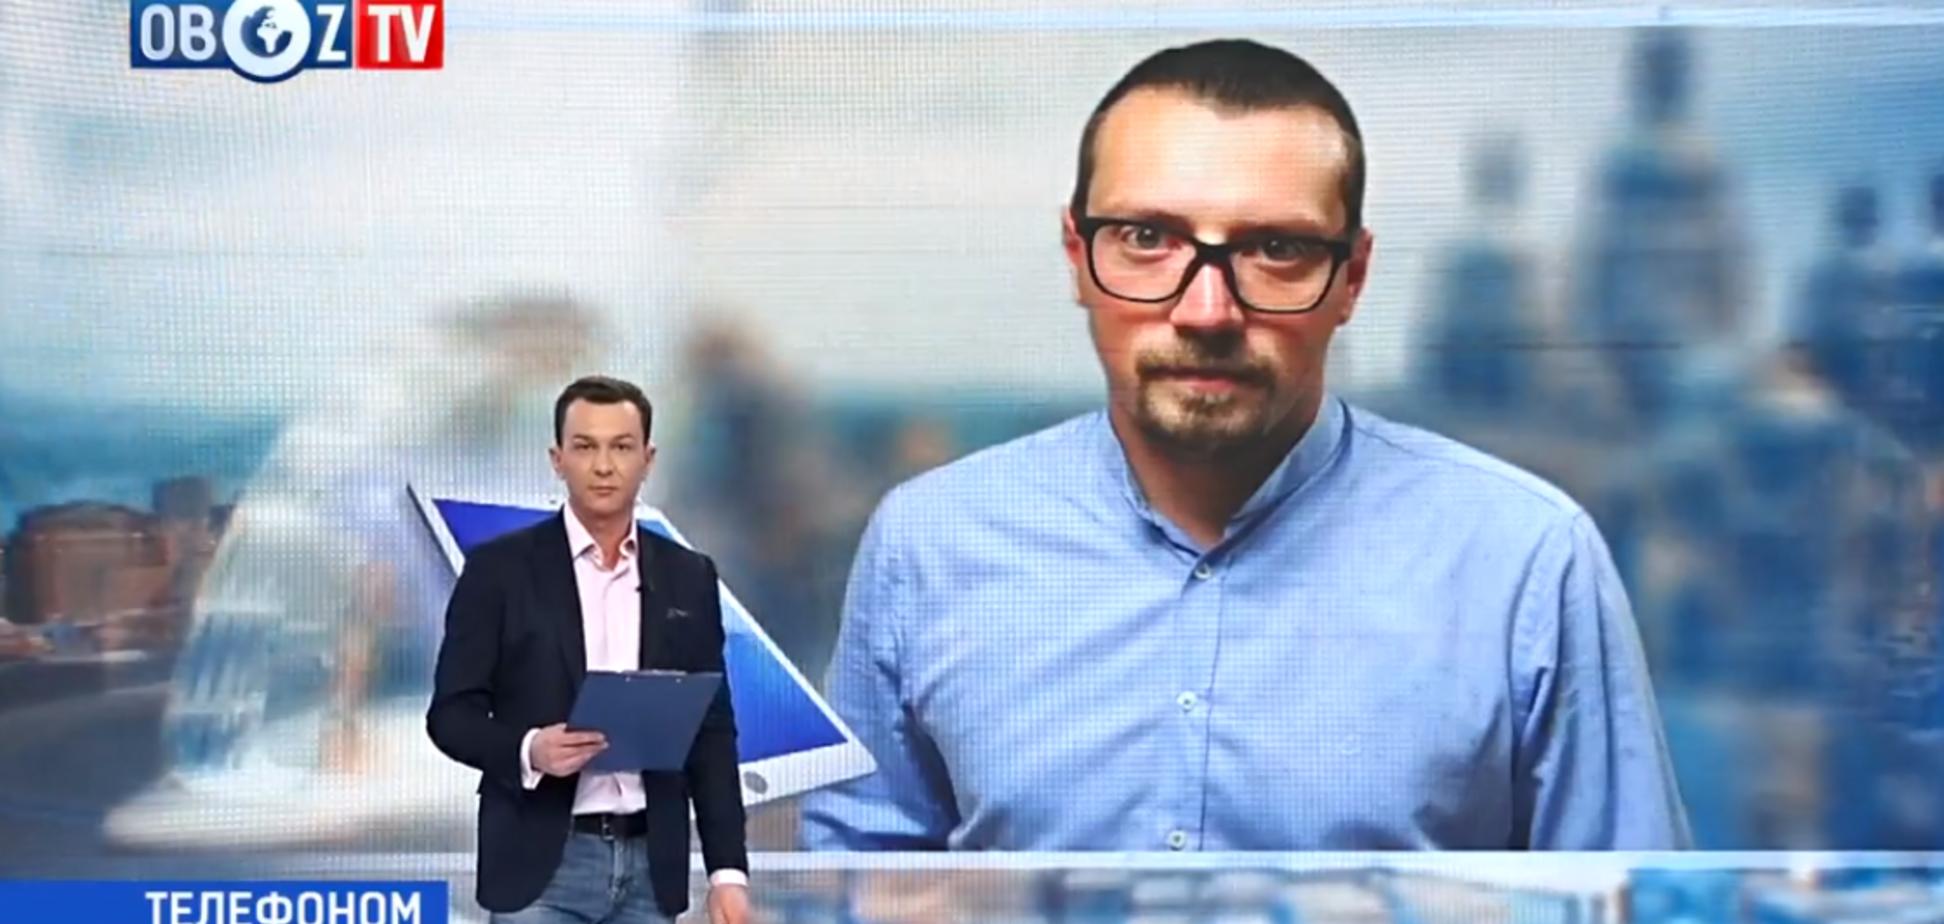 Відставка Гончарука: в 'Слузі народу' прояснили ситуацію з Кабміном